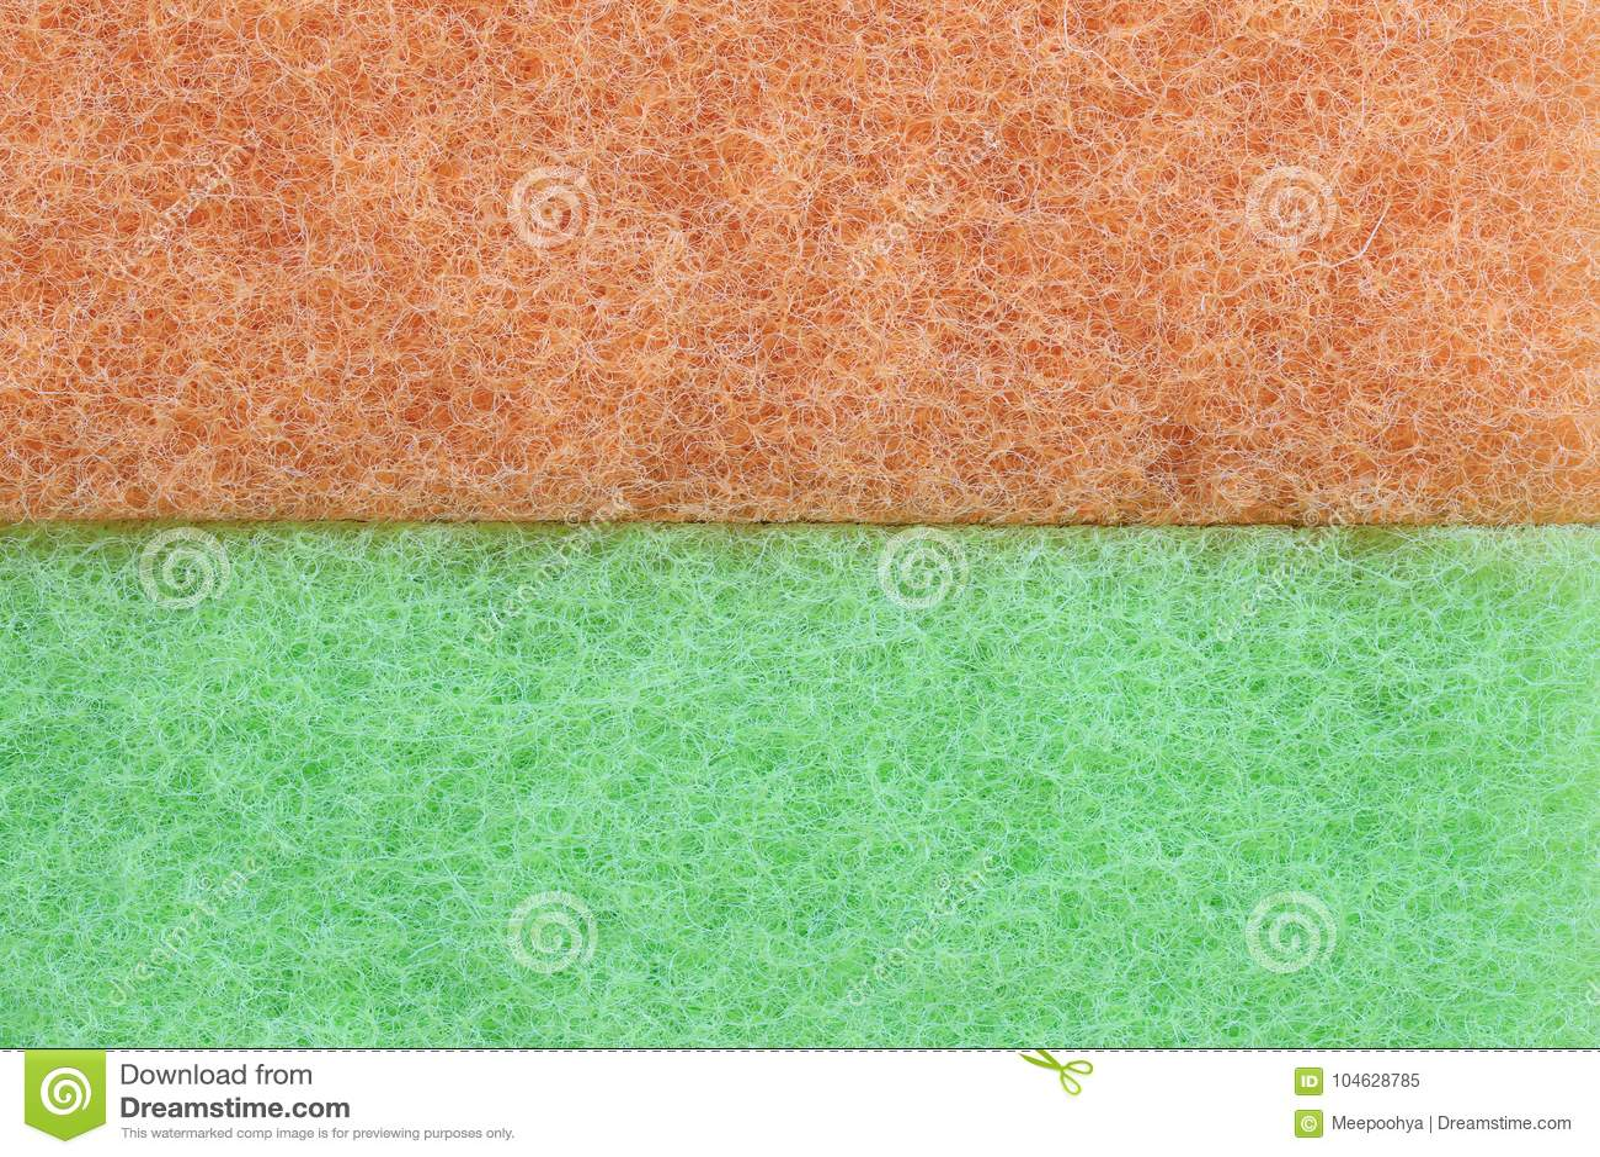 Download Oranje De Textuurachtergrond Van Mengelings Groene Plastic Vezels Stock Afbeelding - Afbeelding bestaande uit patroon, raad: 104628785